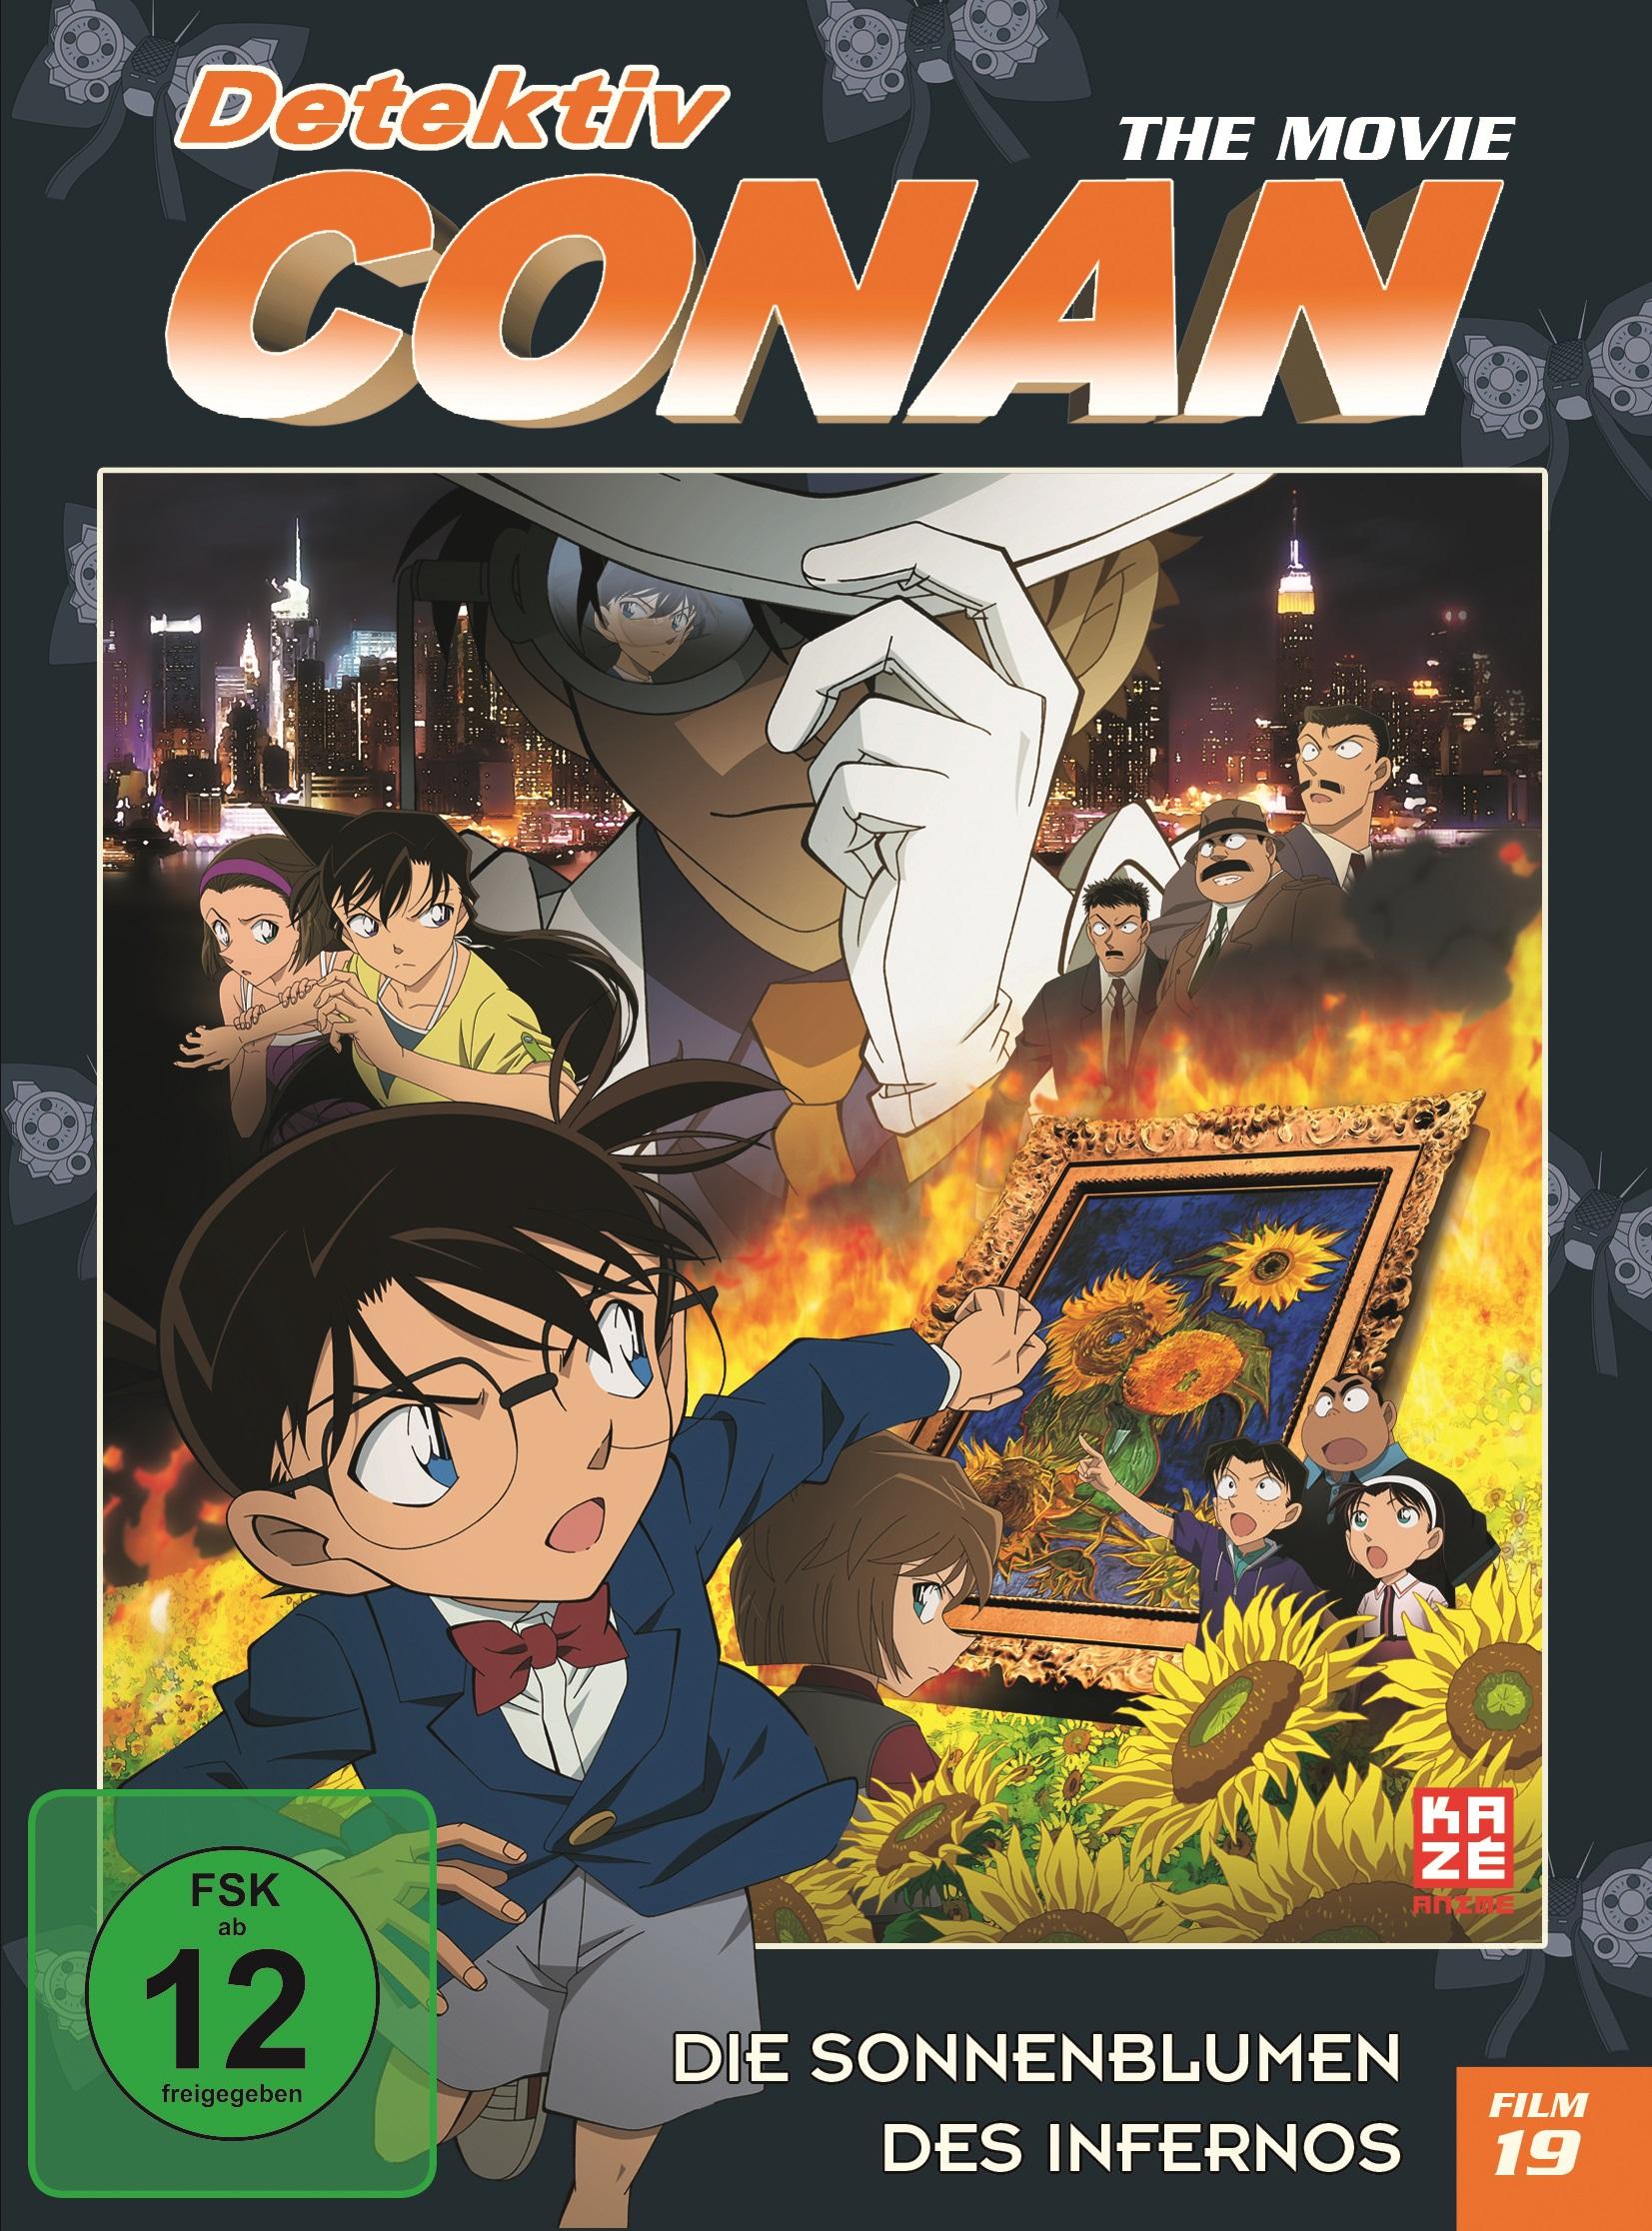 Detektiv Conan 19 Film Die Sonnenblumen des Infernos DVD